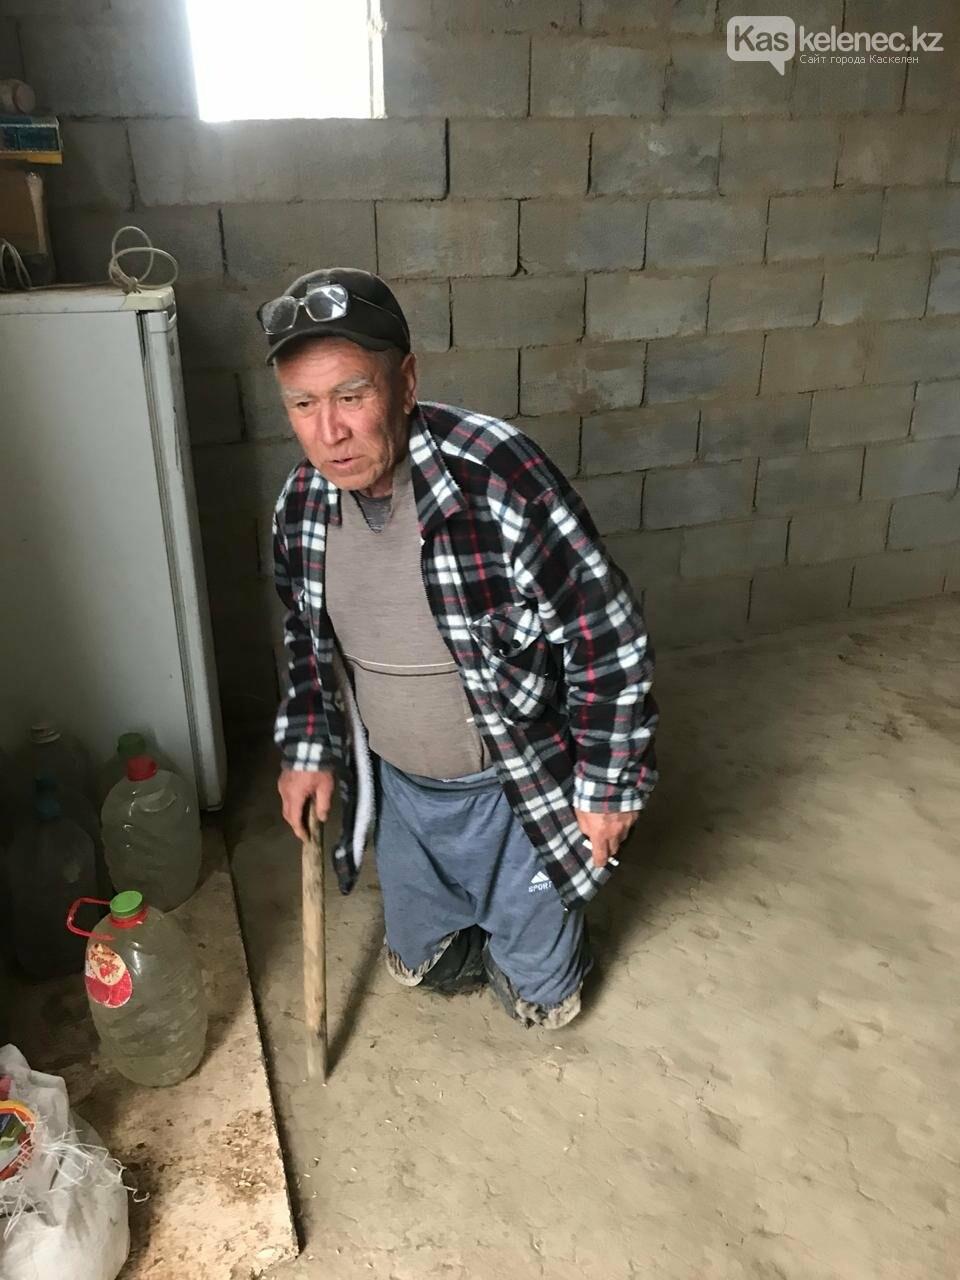 Жители Алматинской области запустили инициативу «Сельский волонтер»: Kaskelenec.kz принимает участие, фото-2